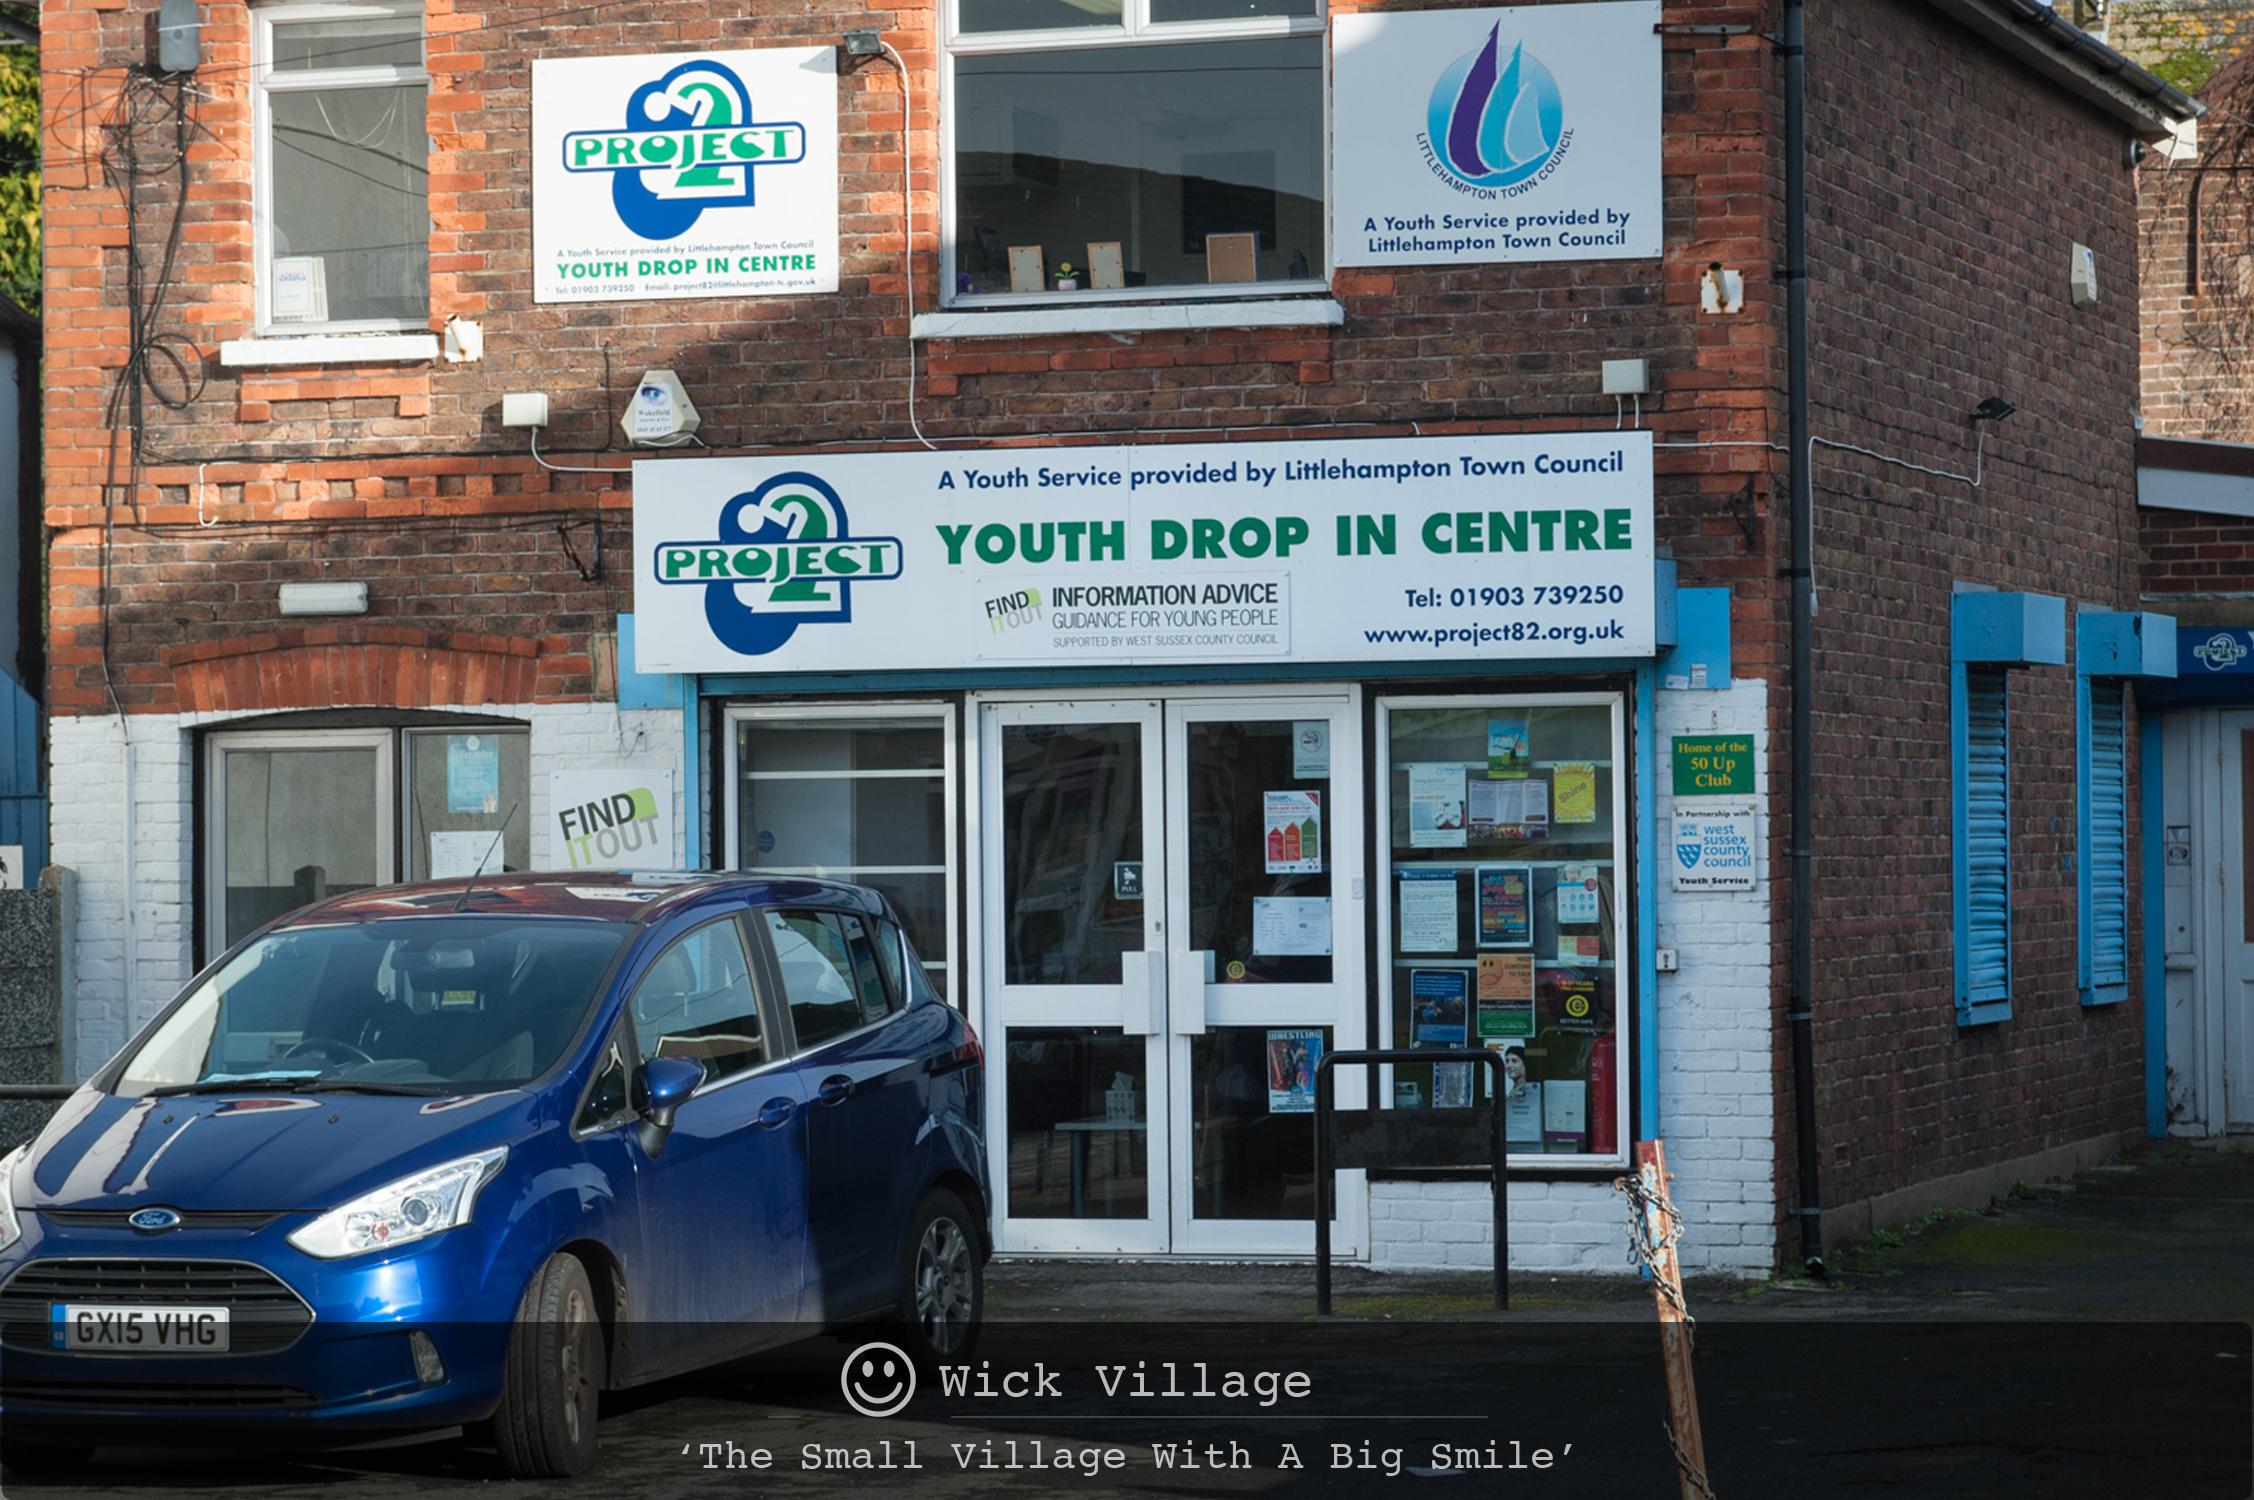 The Find It Out Centre, Wick Village, Littlehampton.